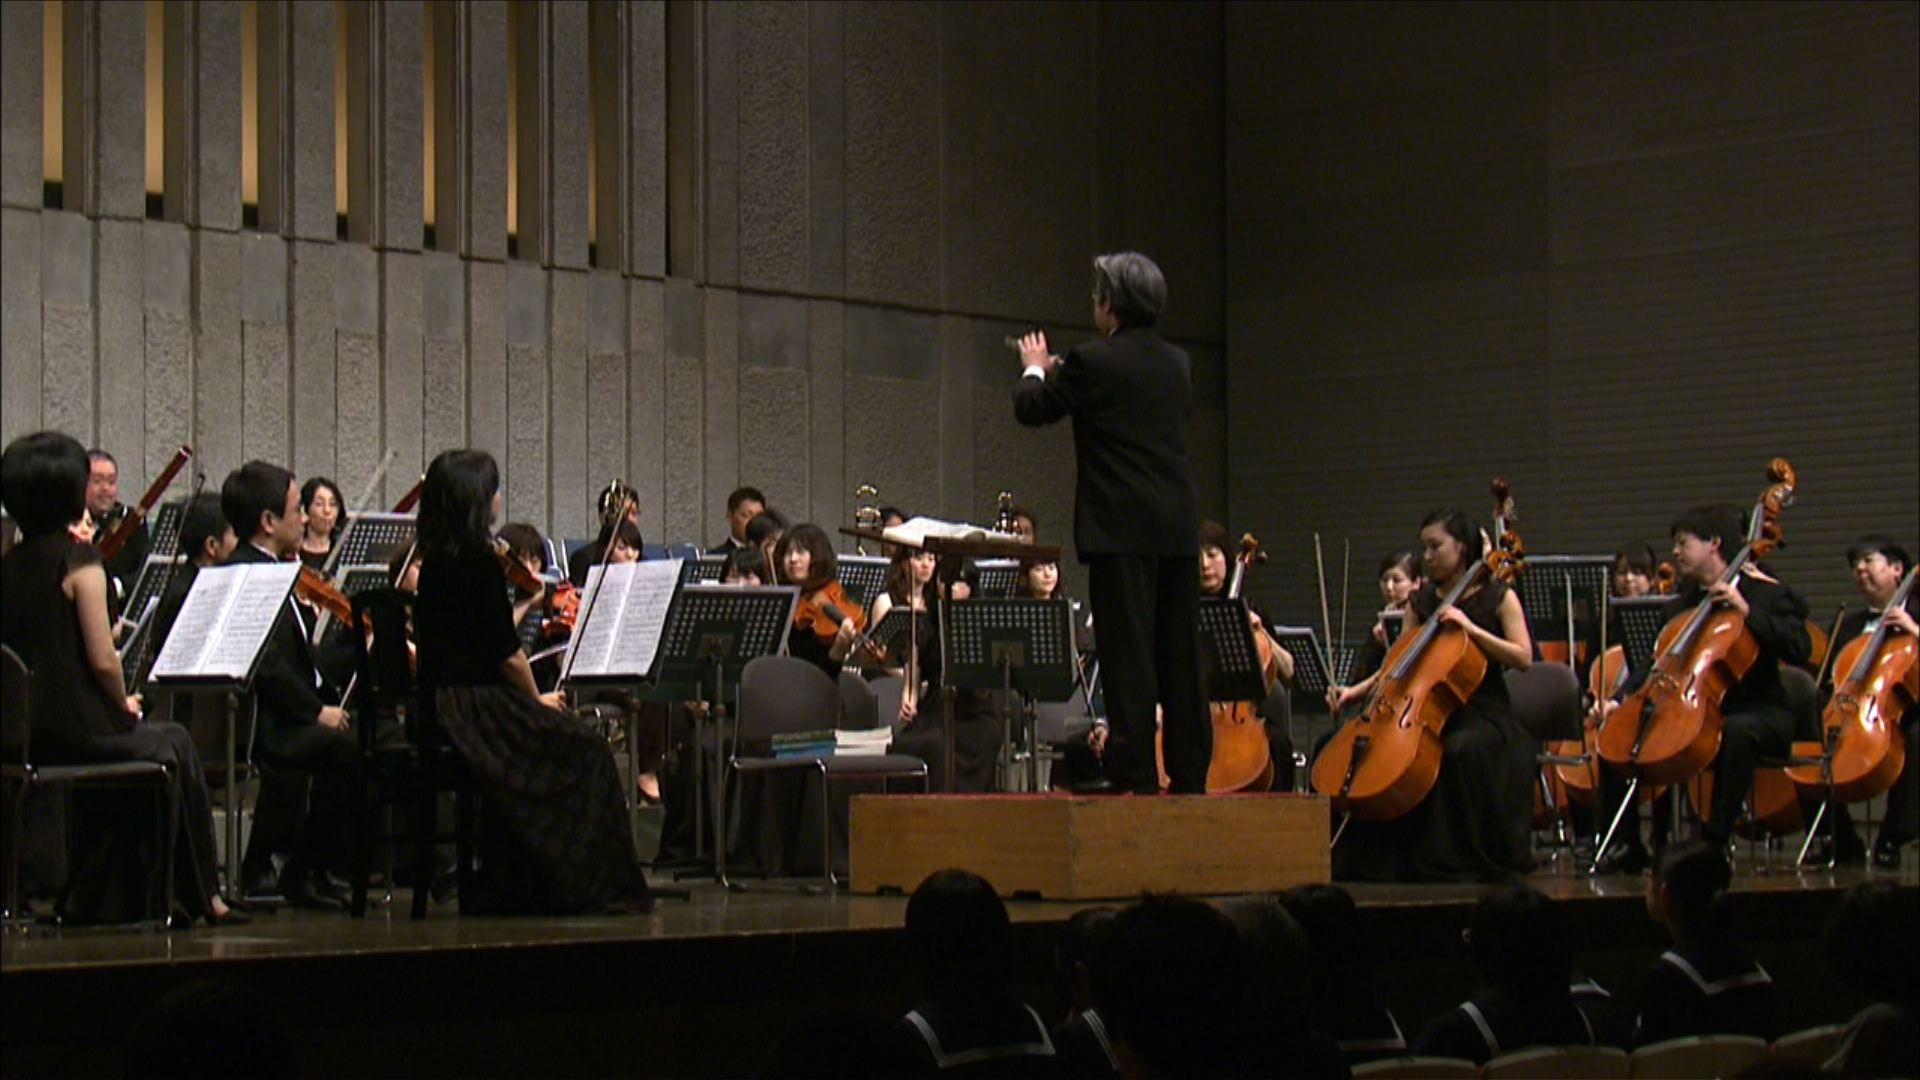 交響楽団1